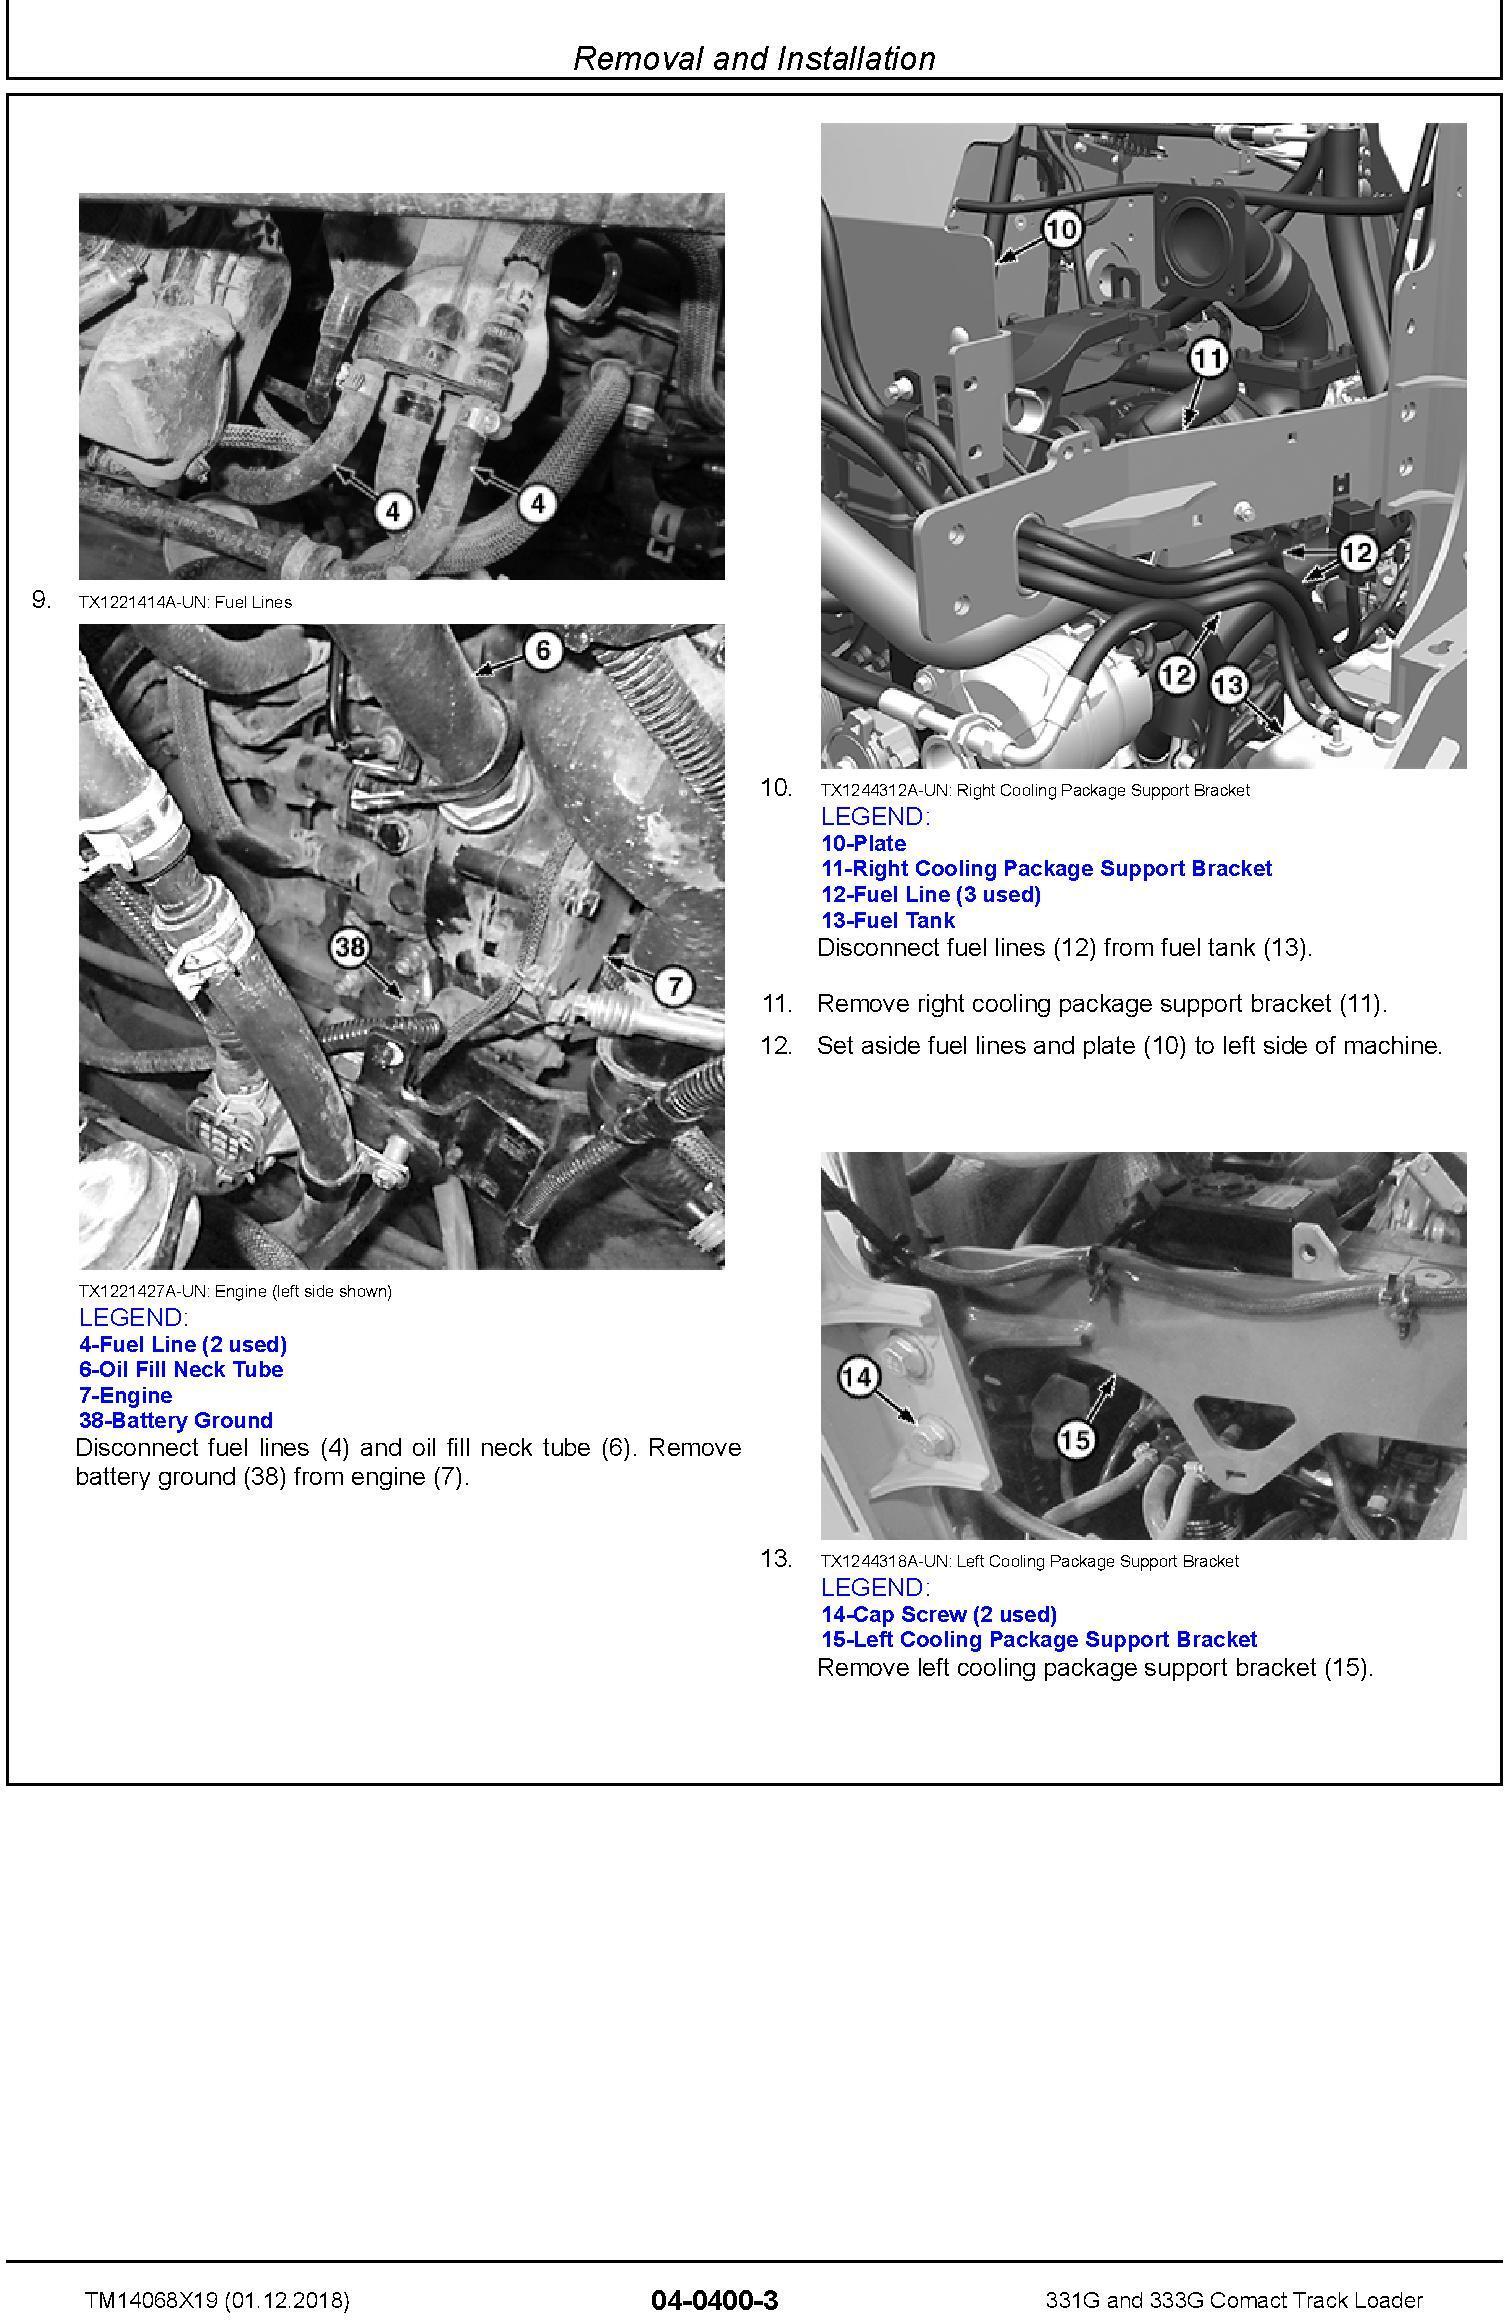 John Deere 331G and 333G Comact Track Loader Repair